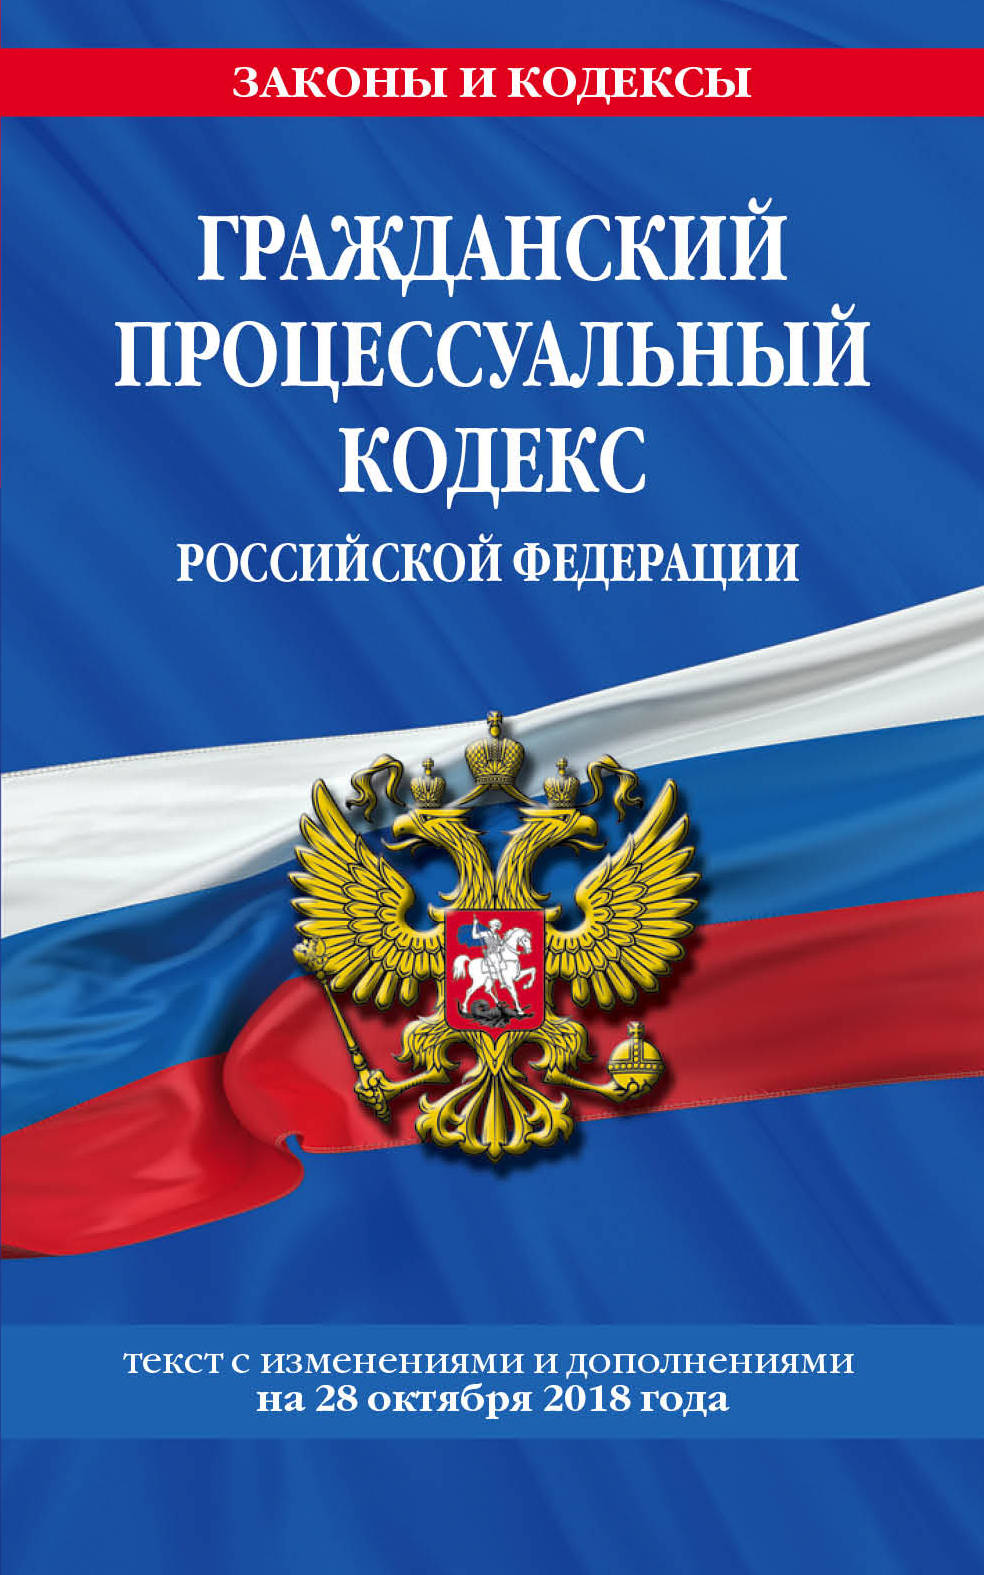 Гражданский процессуальный кодекс Российской Федерации. Текст с изменениями и дополнениями на 28 октября 2018 года